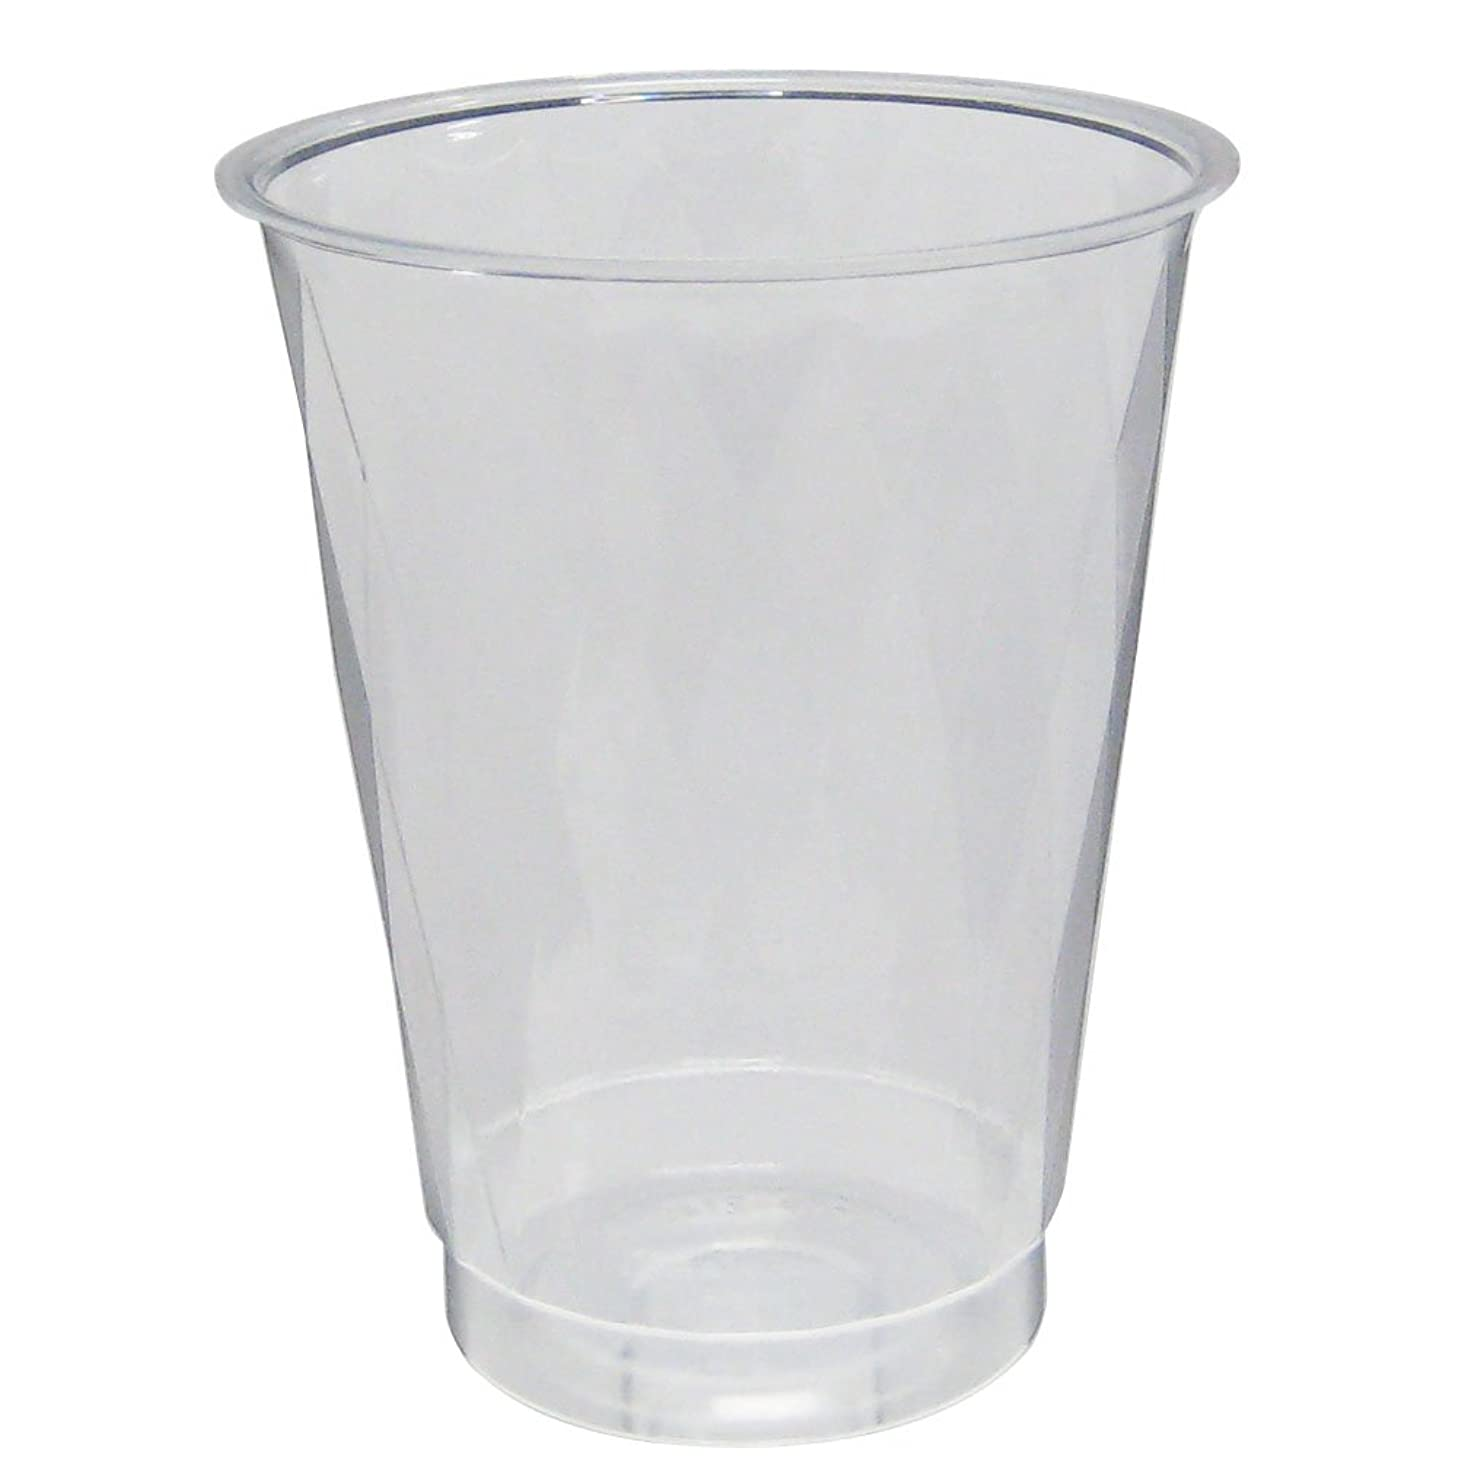 吸収するマイクロ欺く旭化成パックス(キラキラ)プラカップ 40P(推奨容量210ml)DIP274D 口径77mm